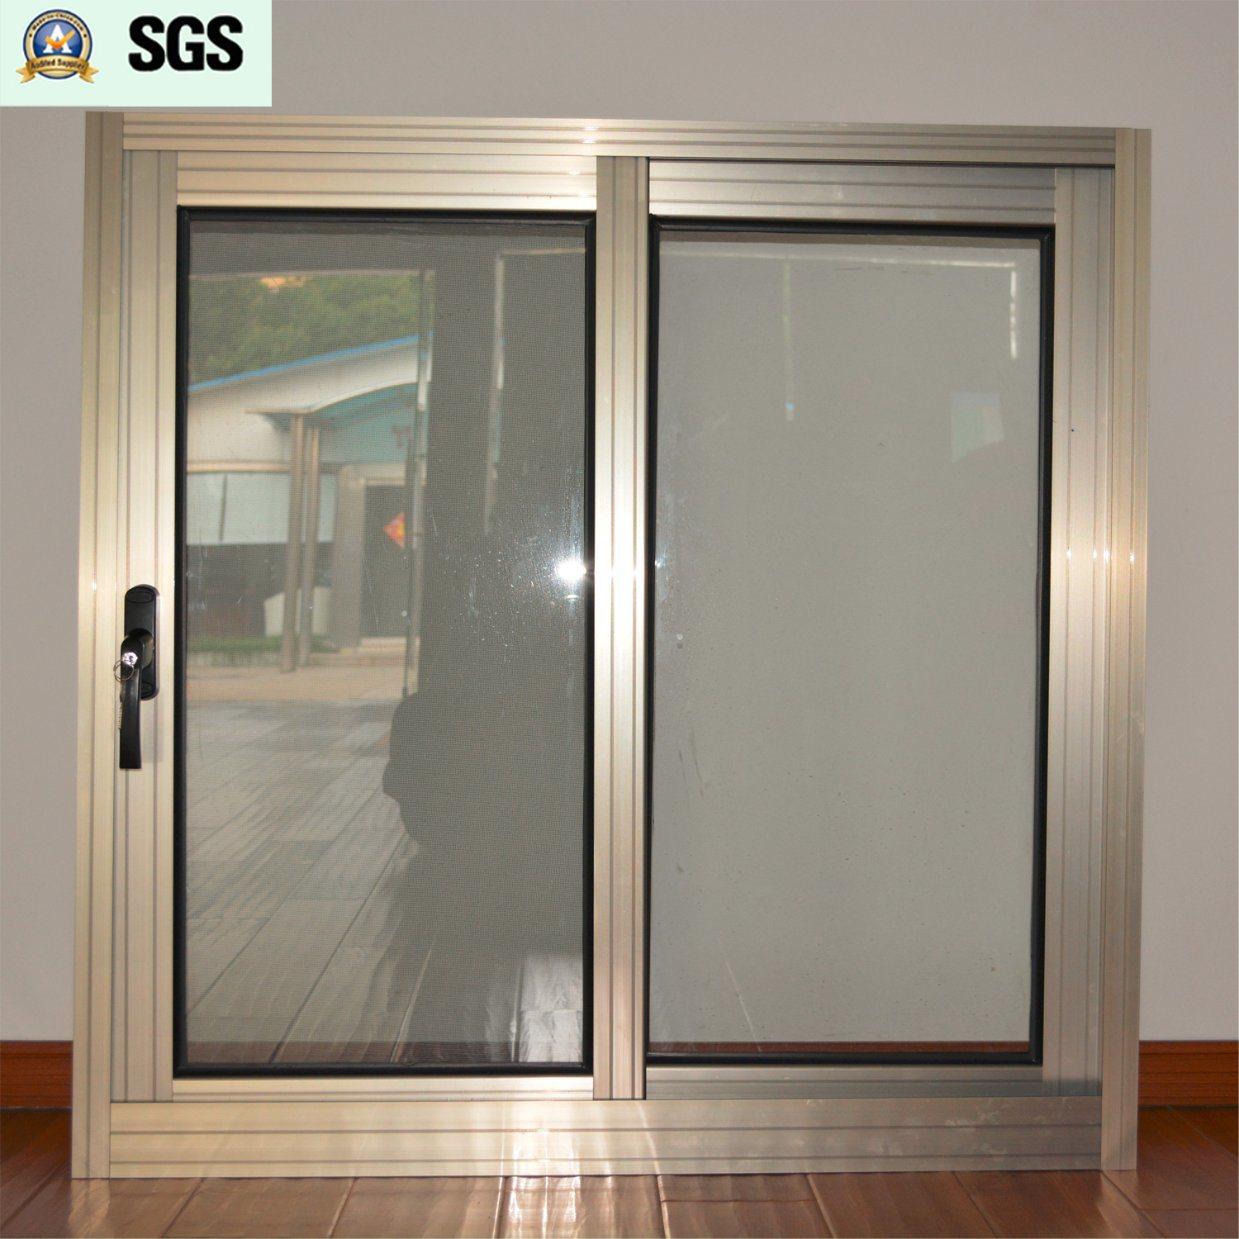 China Dark Handle With Key Anodized Aluminum Alloy Sliding Window Mosquito Net K01069